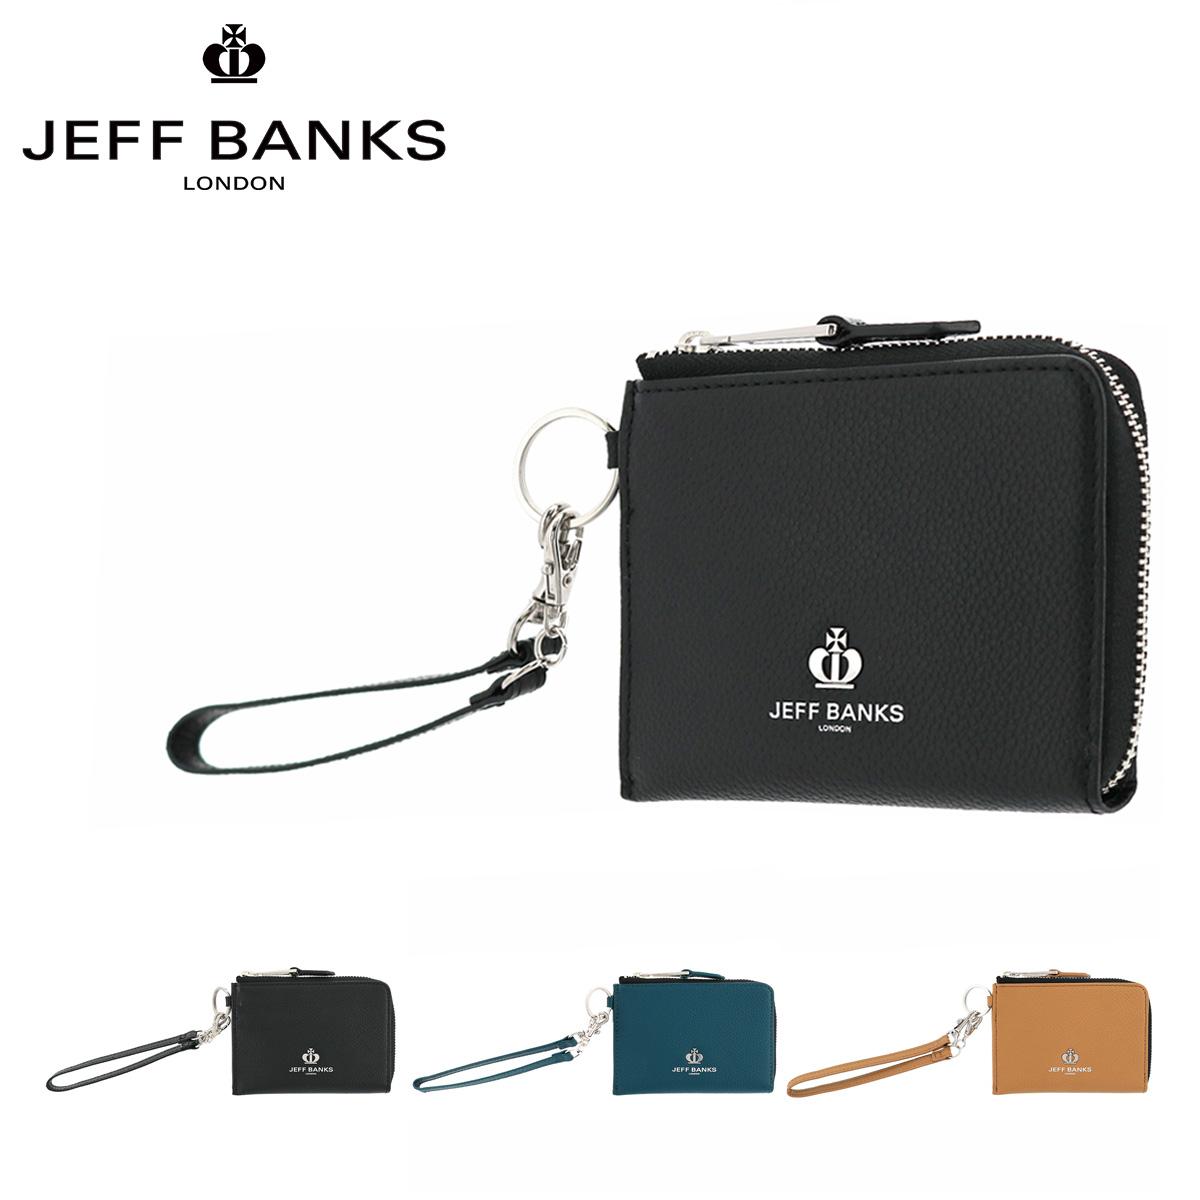 ジェフバンクス 財布 小銭入れ フューチャー メンズ レディース JBP203 JEFF BANKS | コインケース ストラップ付き 牛革 本革 レザー ブランド専用BOX付き [PO10][bef]